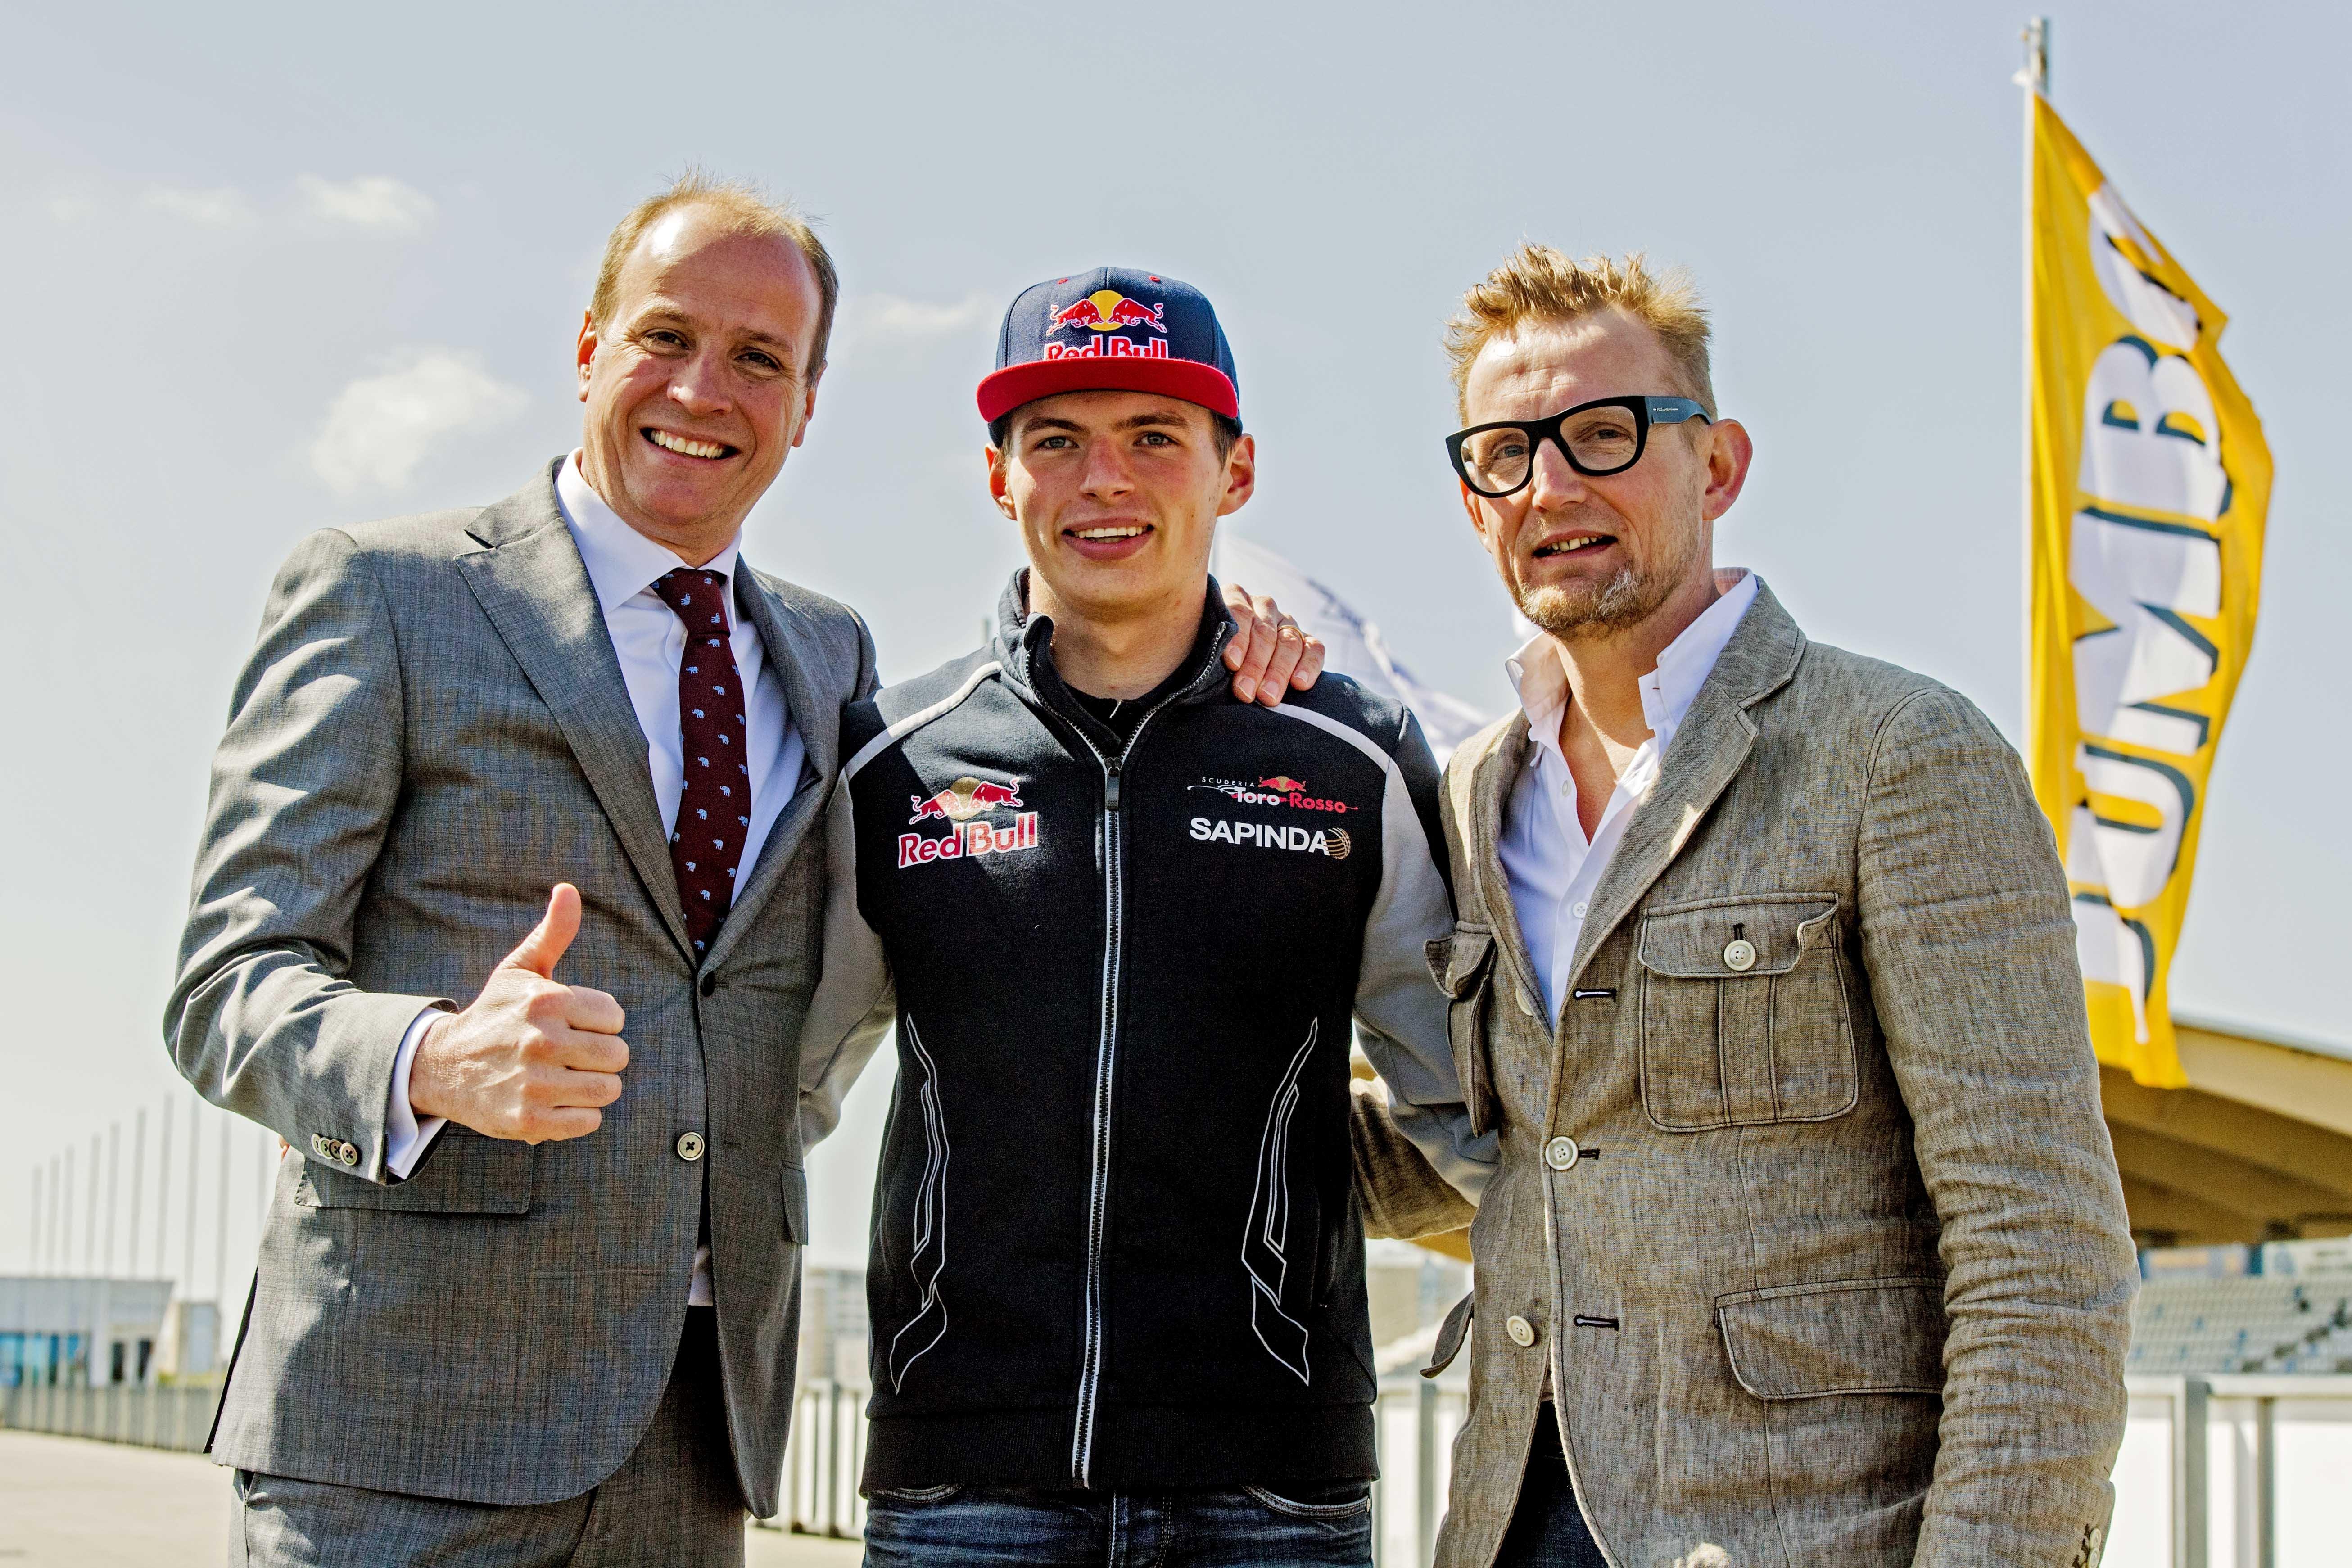 4 & 5 juni: 'familie racedagen, driven by max verstappen' op circuit park zandvoort